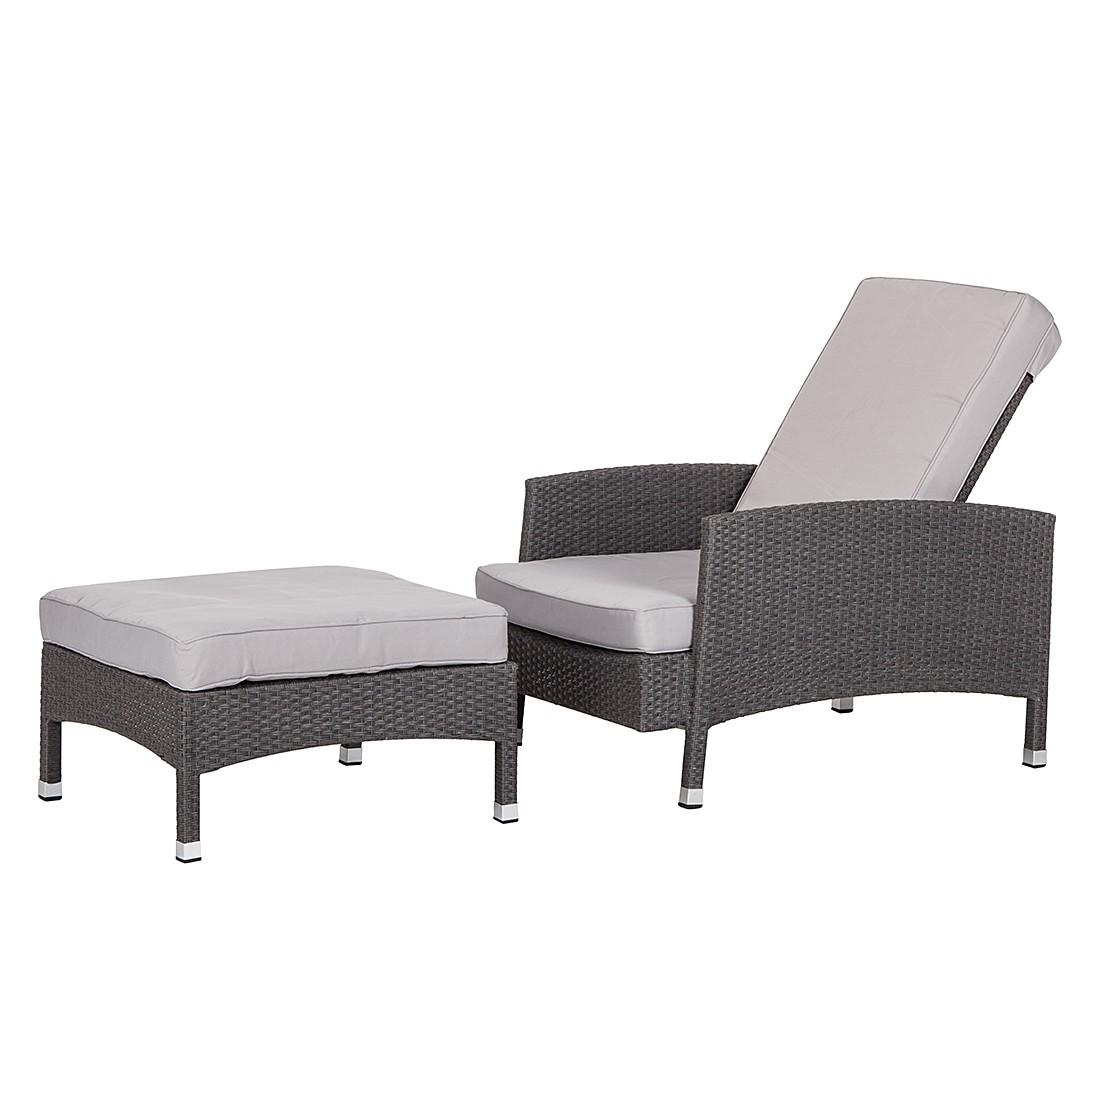 sessel grau lounge preisvergleich die besten angebote online kaufen. Black Bedroom Furniture Sets. Home Design Ideas